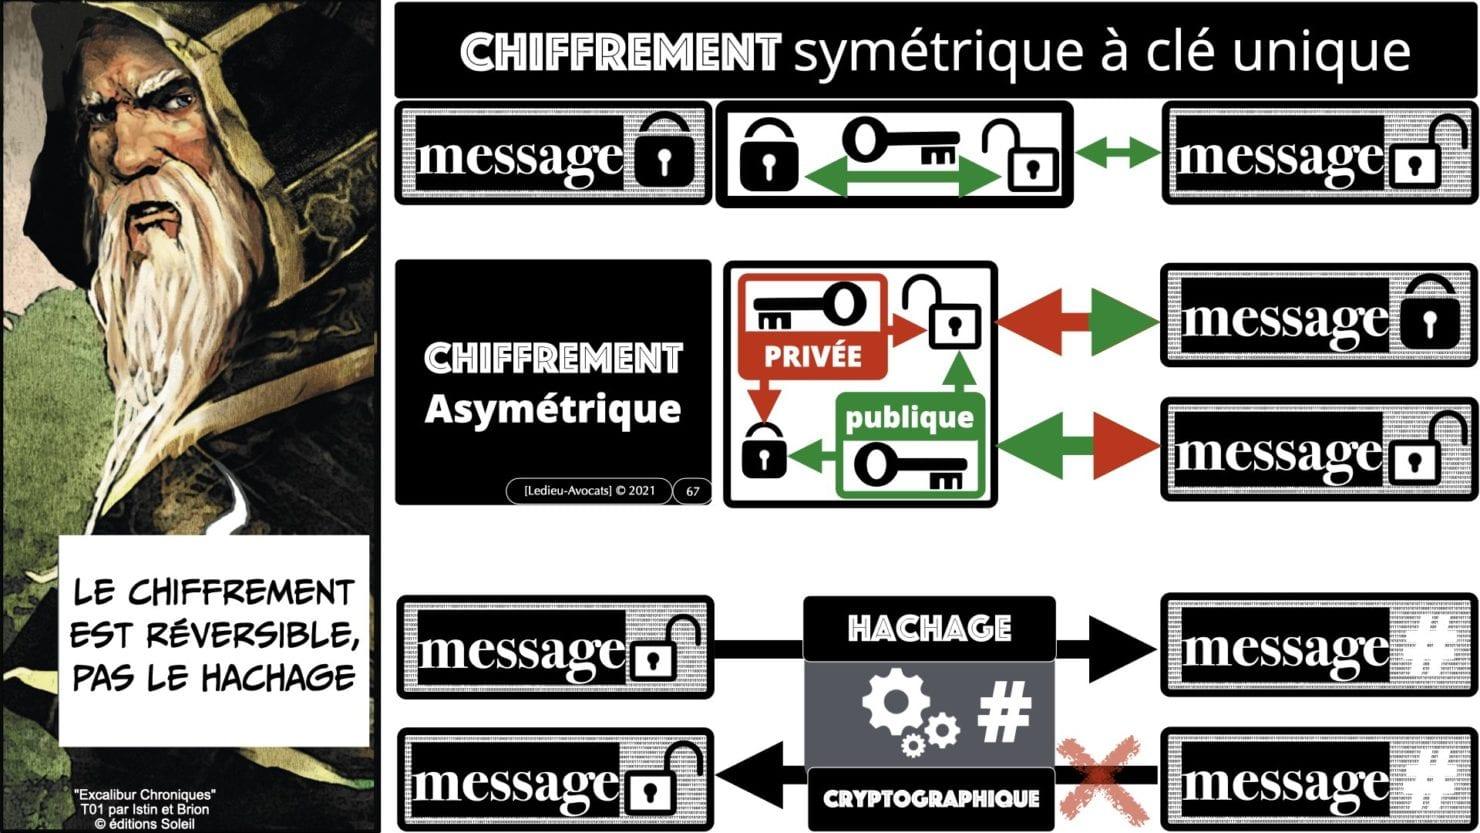 341 chiffrement cryptographie symetrique asymetrique hachage cryptographique TECHNIQUE JURIDIQUE © Ledieu-Avocat 05-07-2021.067